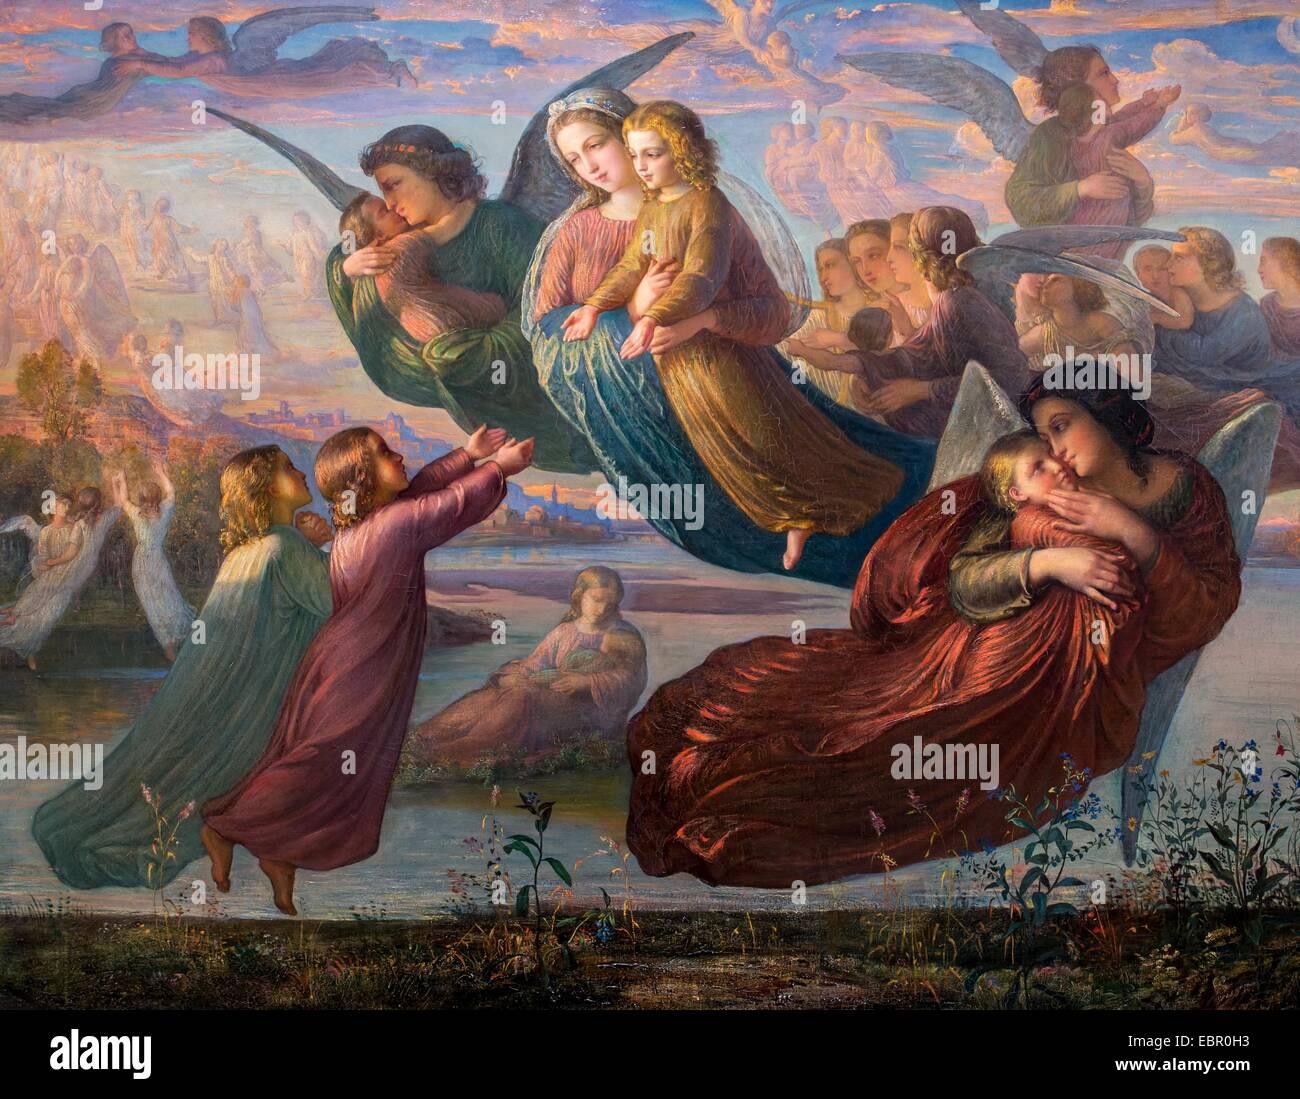 ActiveMuseum_0001459.jpg / Erinnerungen an den Himmel, ca. 1850 - Louis Janmot 21.08.2013 - / 19. Jahrhundert Sammlung Stockbild